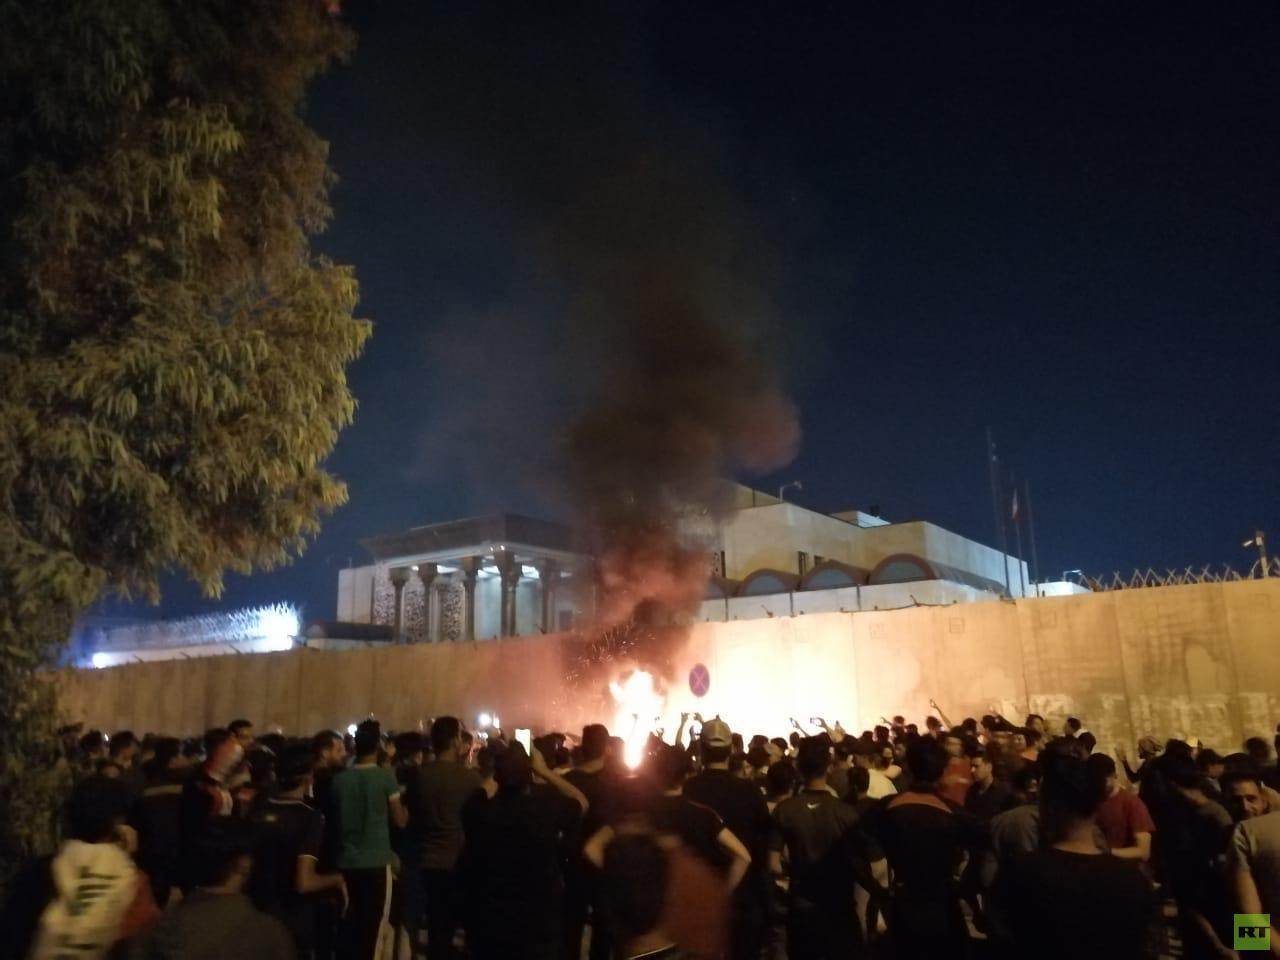 مصدر لـ RT: تظاهرات أمام القنصلية الإيرانية في كربلاء تطالب بطرد البعثة الدبلوماسية